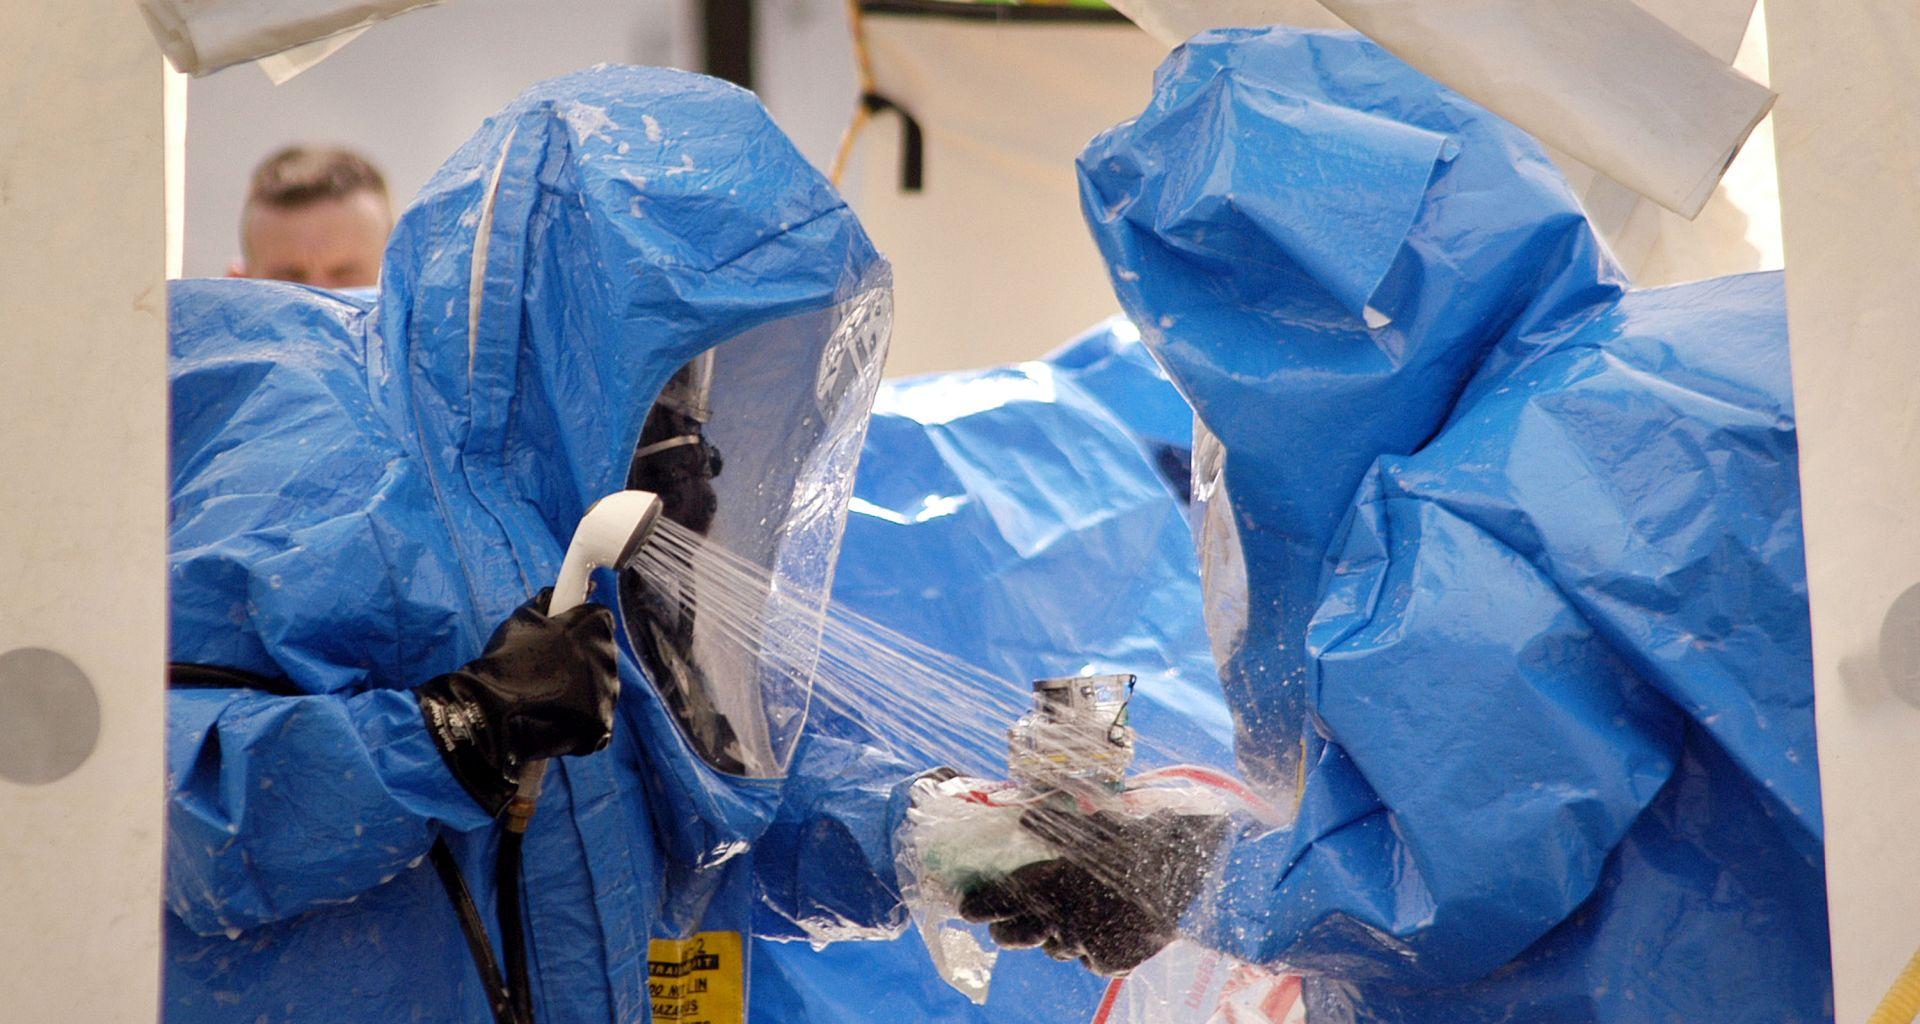 Na Karasovićima uhićena Poljakinja koja je prevozila radioaktivni materijal